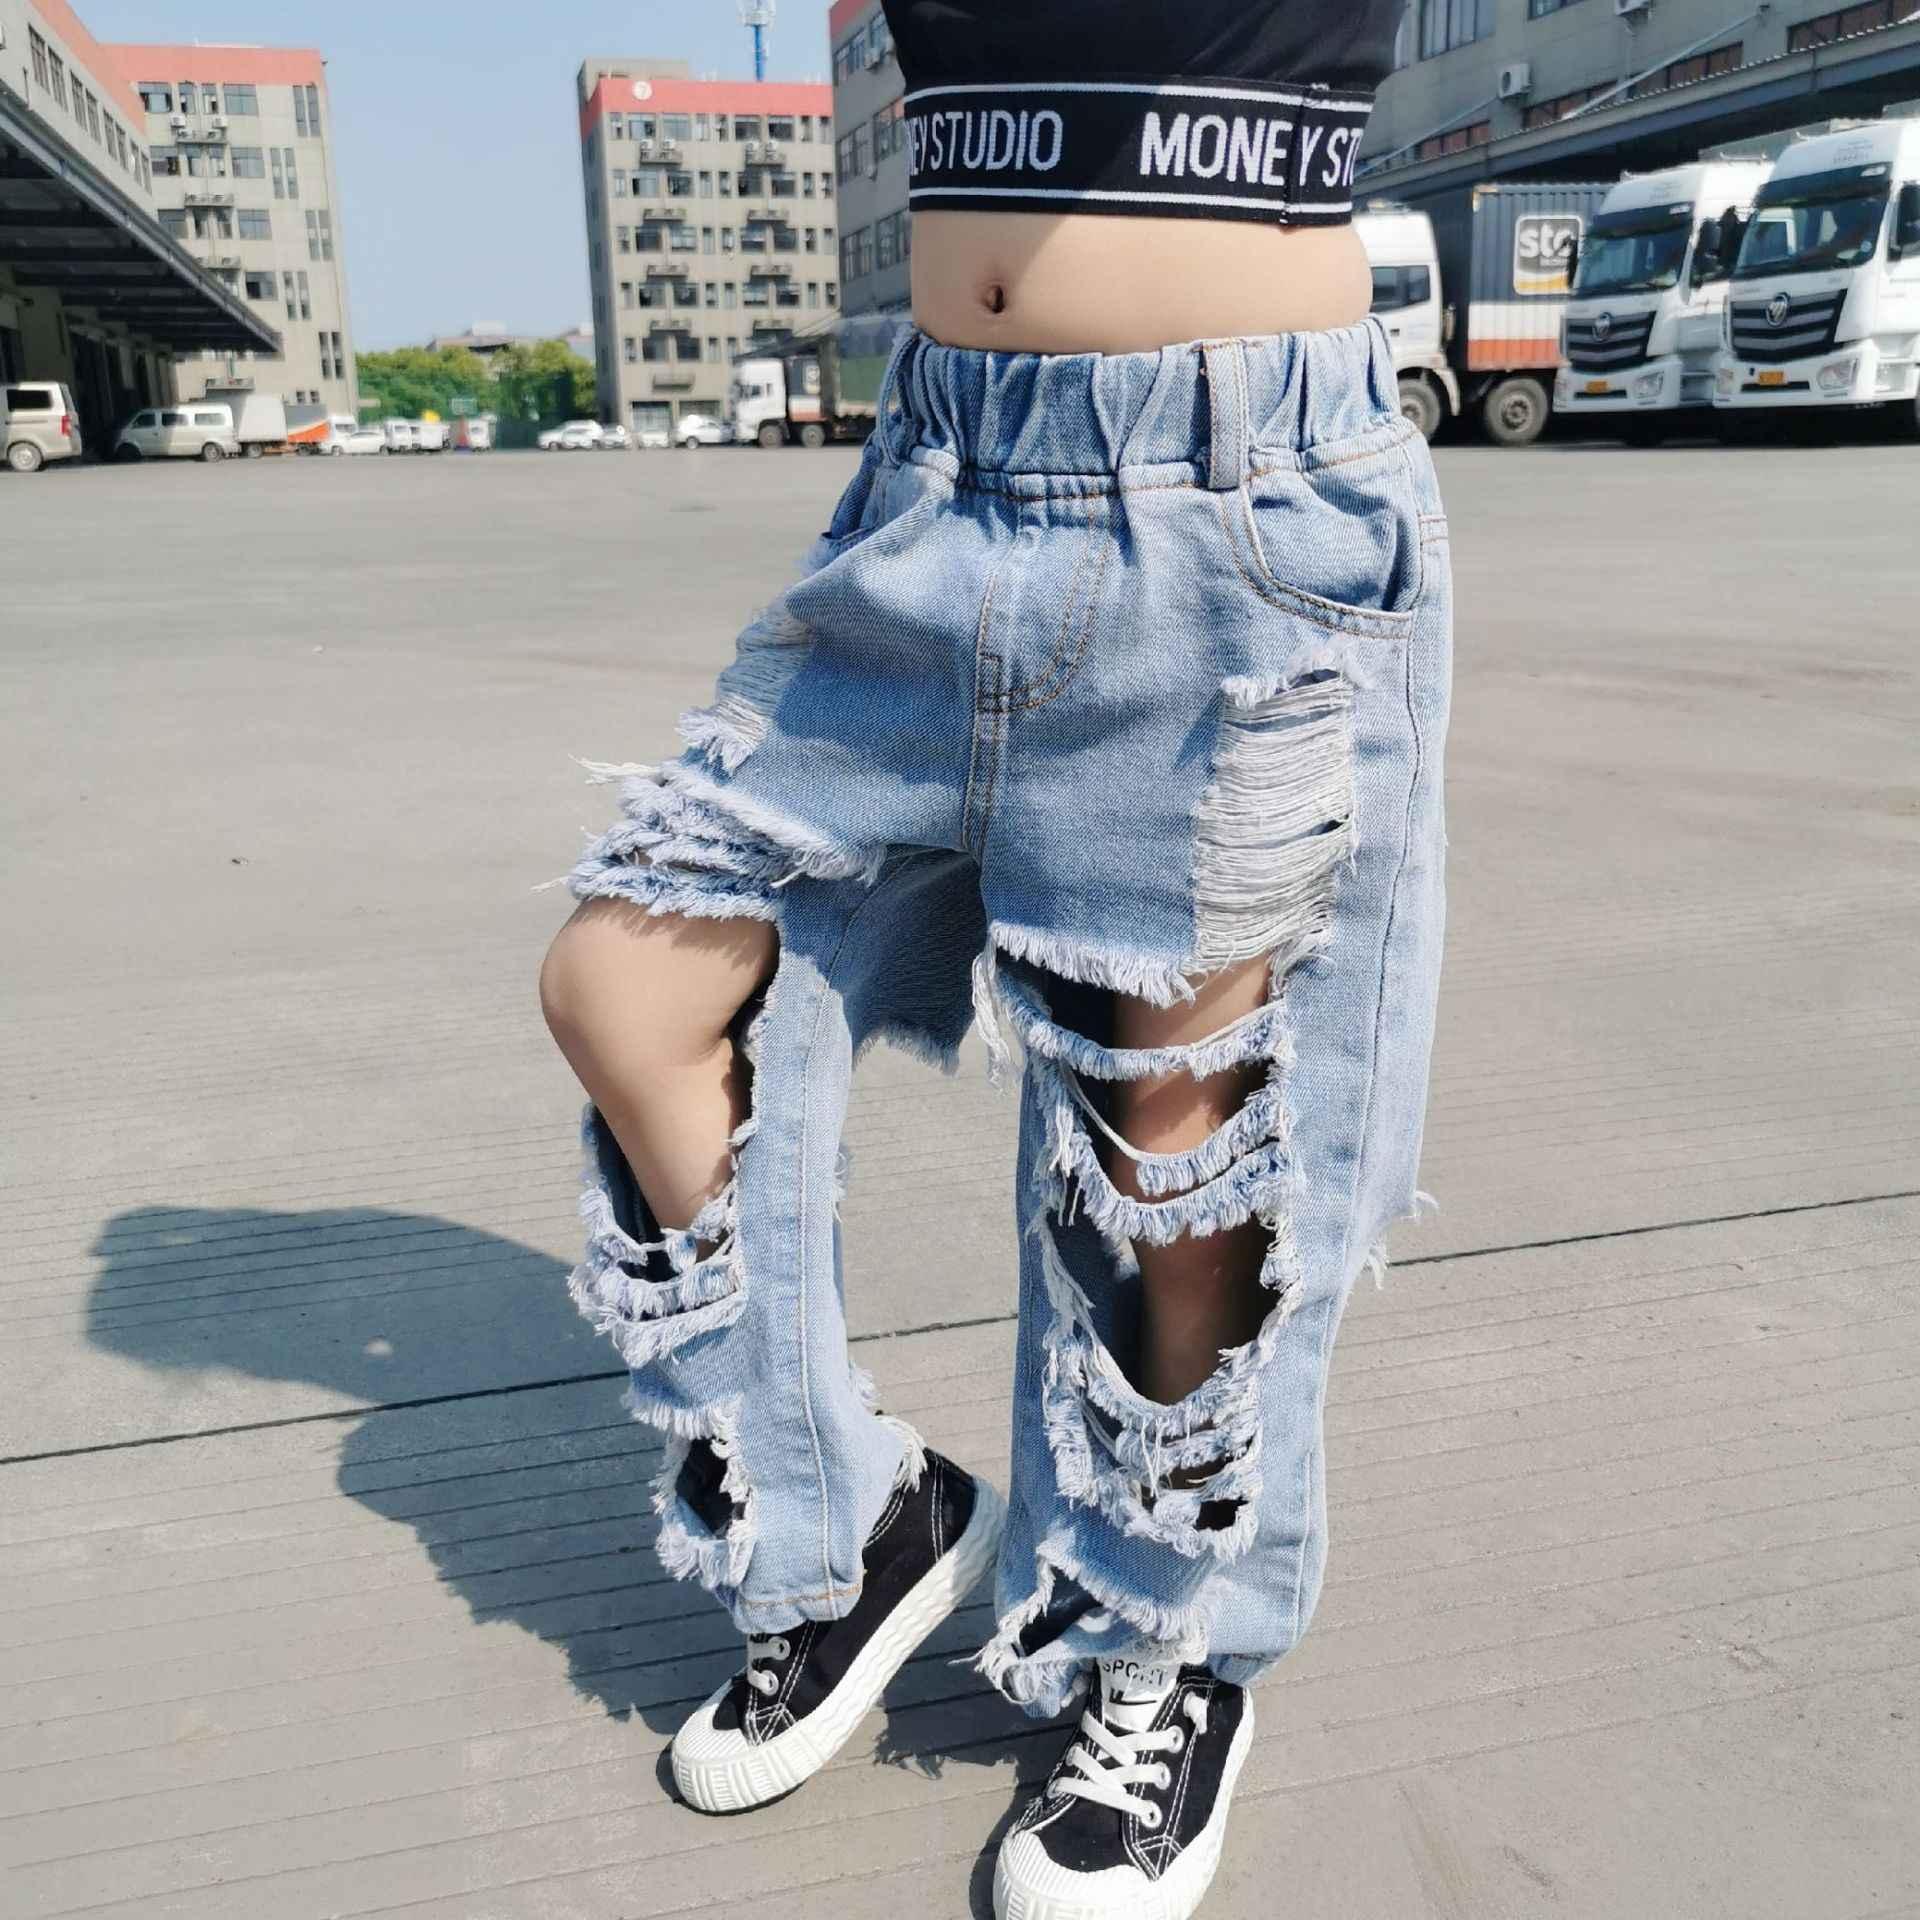 Pantalones Vaqueros Rasgados Para Ninos Y Ninas Pantalones Vaqueros Desgastados Con Agujeros De Cintura Alta De 3 A 12 Anos Para Verano 2020 Pantalones Vaqueros Aliexpress